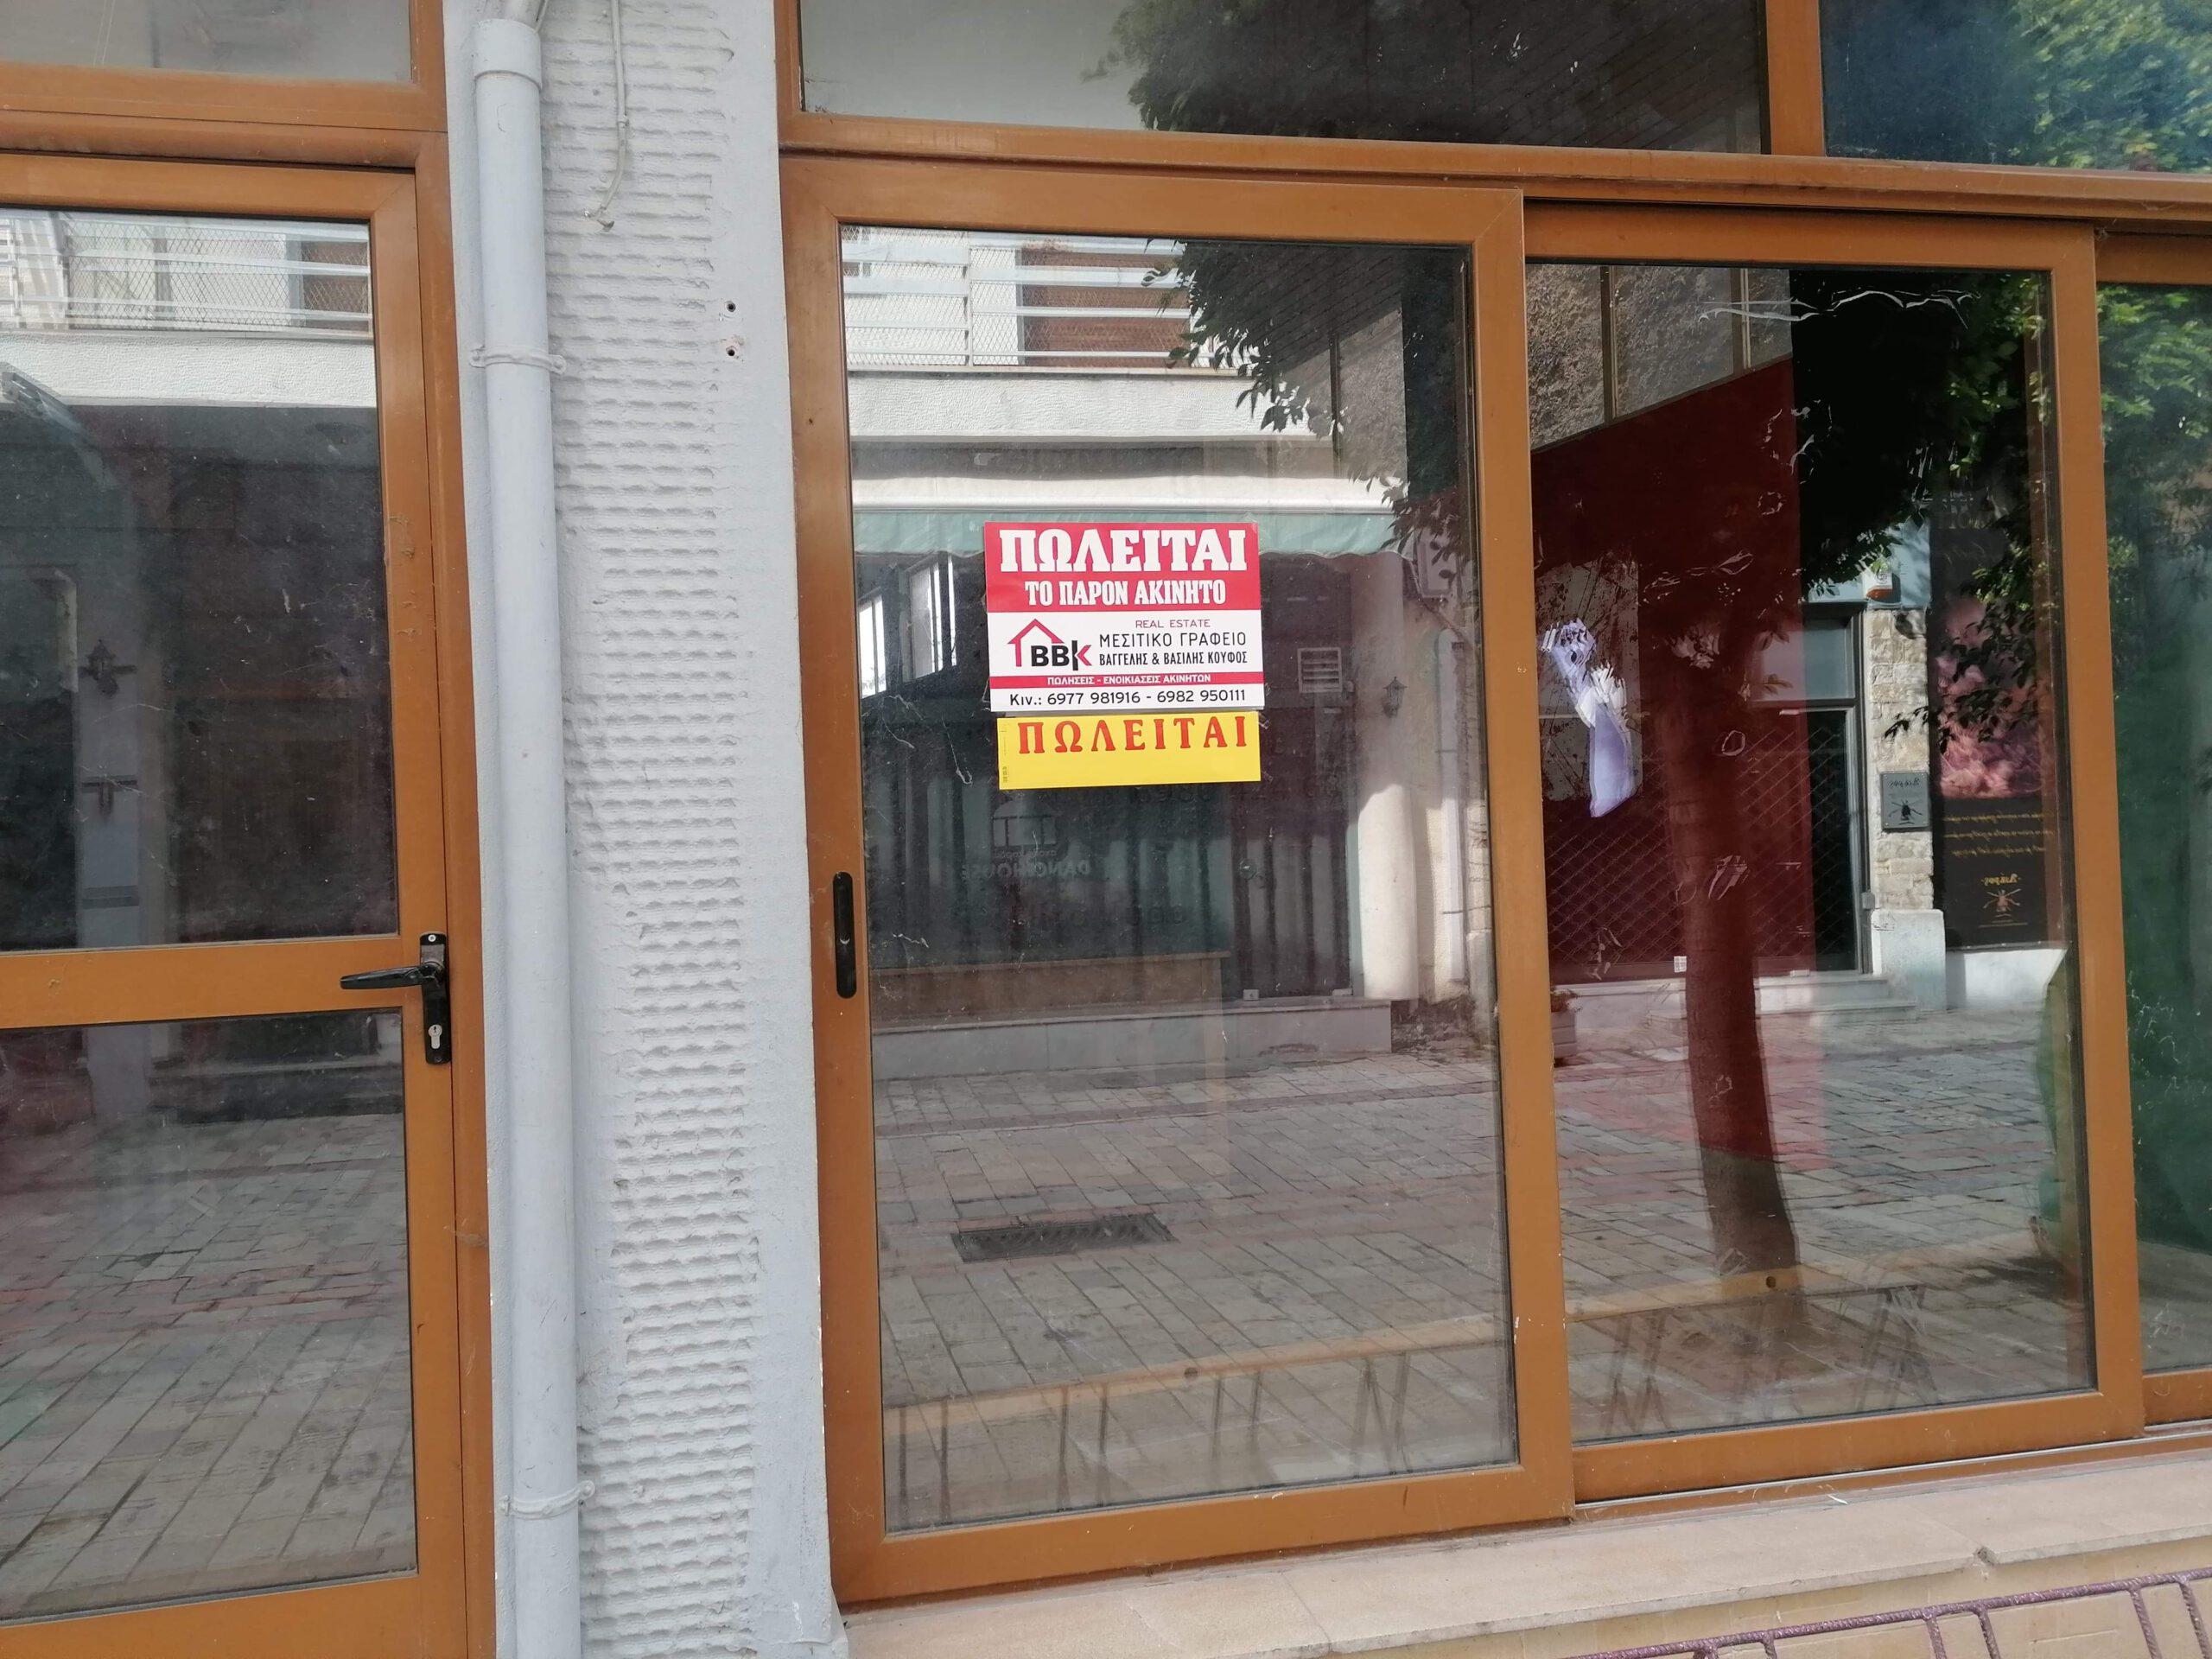 Πωλείται – Ενοικιάζεται κατάστημα 90τμ στο Μεσολόγγι